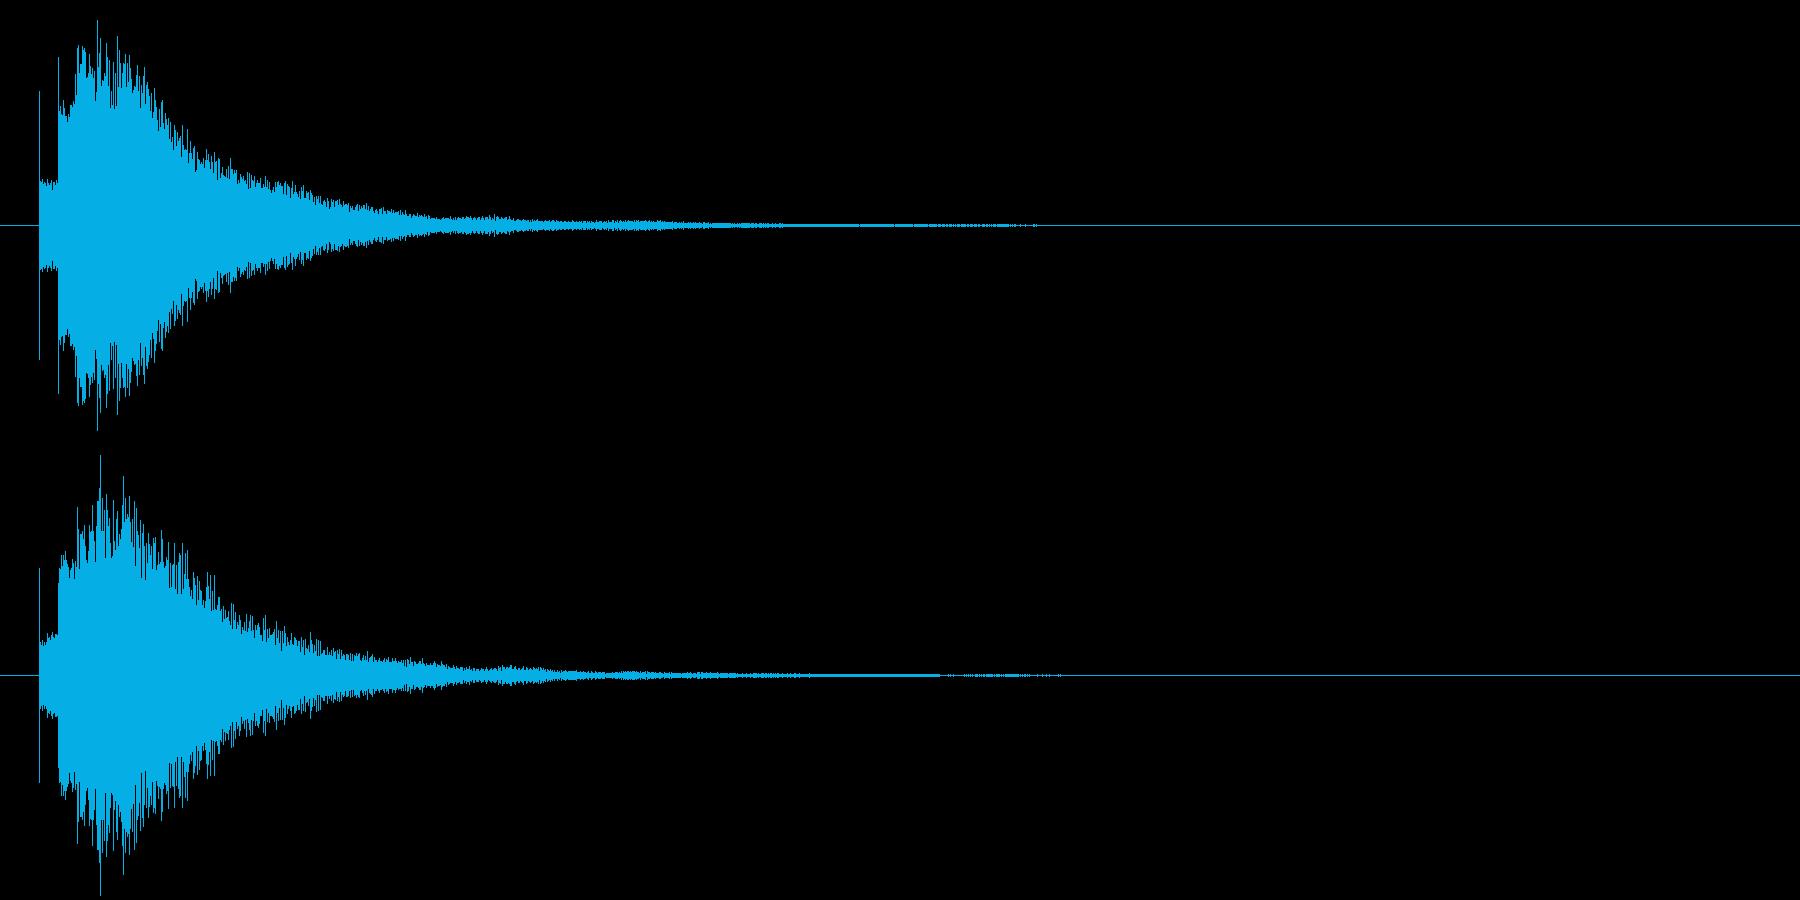 キラリン⑧(星・ひらめき・完成・輝き)の再生済みの波形